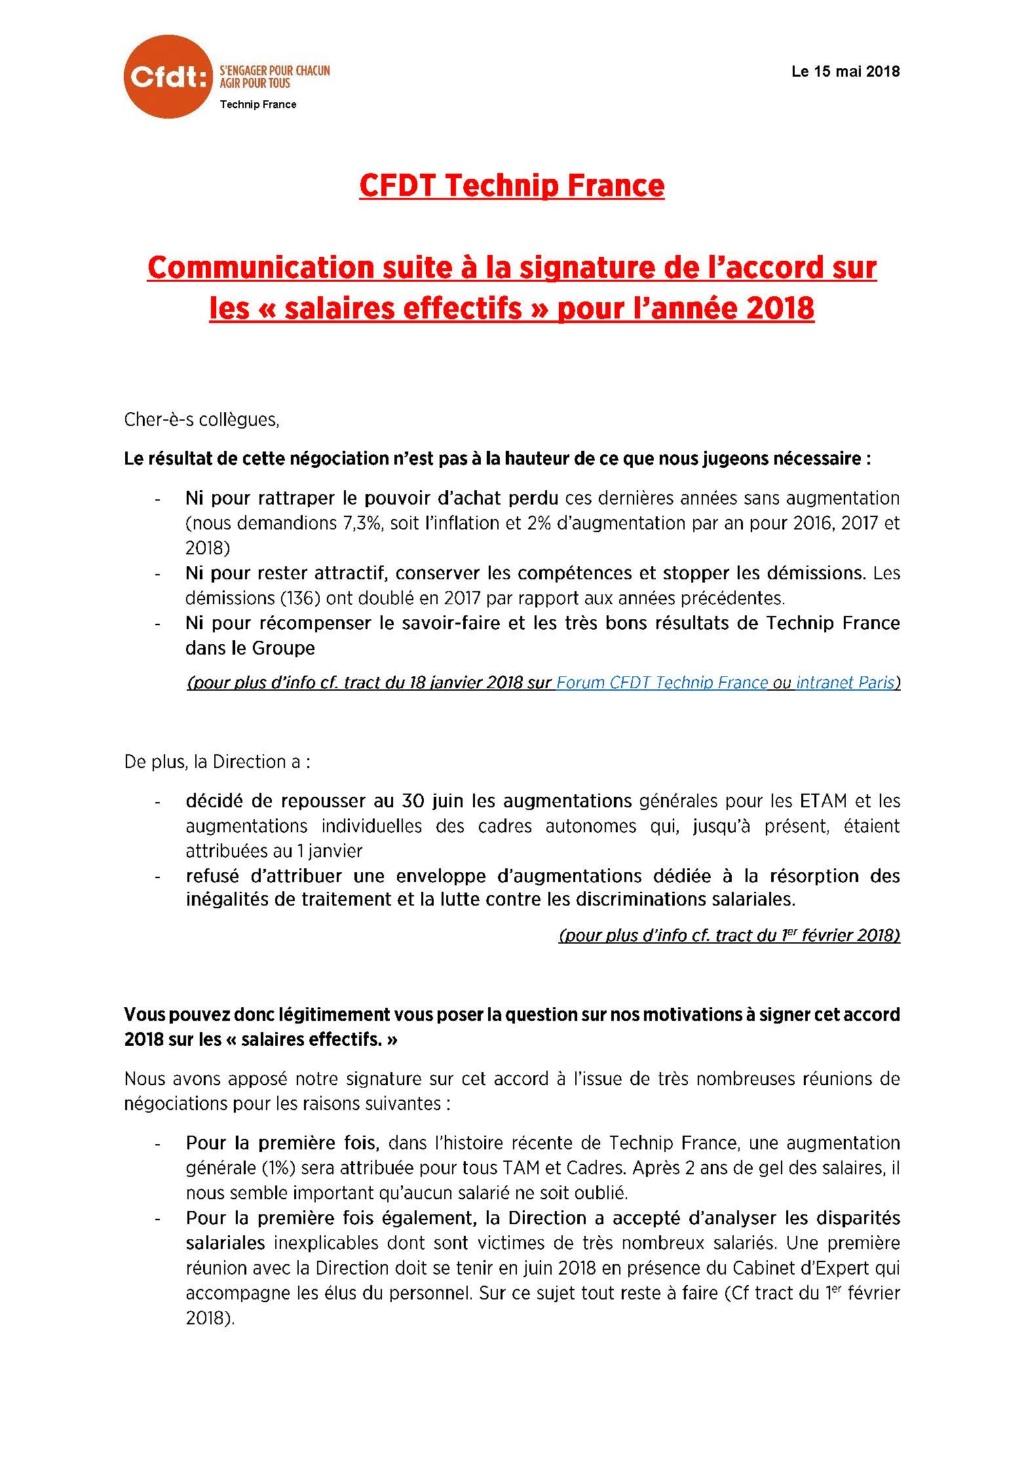 (2018-05-15) - COMMUNICATION SUITE A LA SIGNATURE DE L'ACCORD SUR LES « SALAIRES EFFECTIFS » POUR L'ANNEE 2018 Commun10